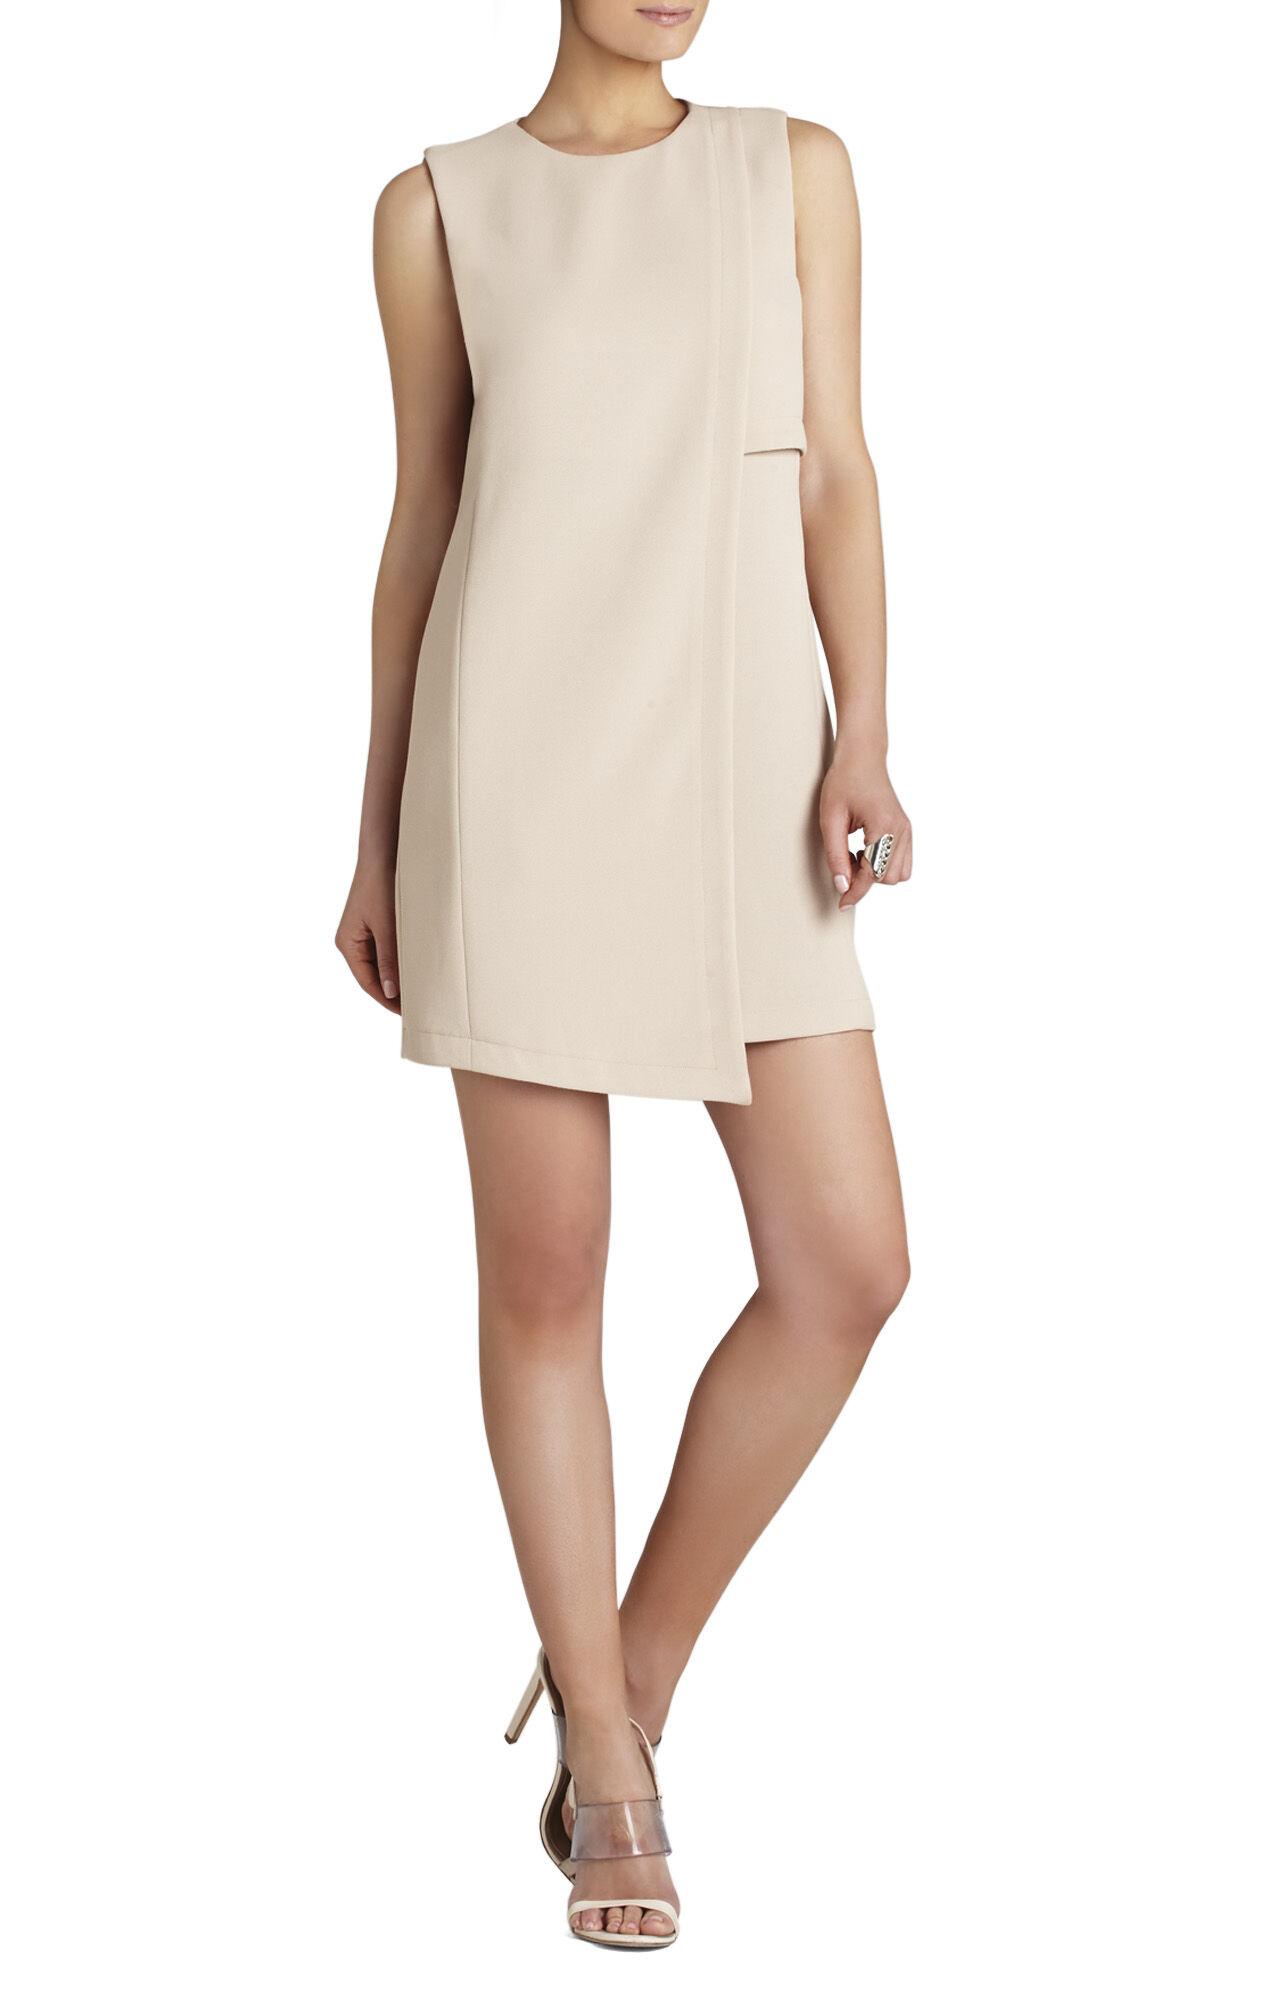 Tayler Sleeveless Asymmetrical-Hem Dress